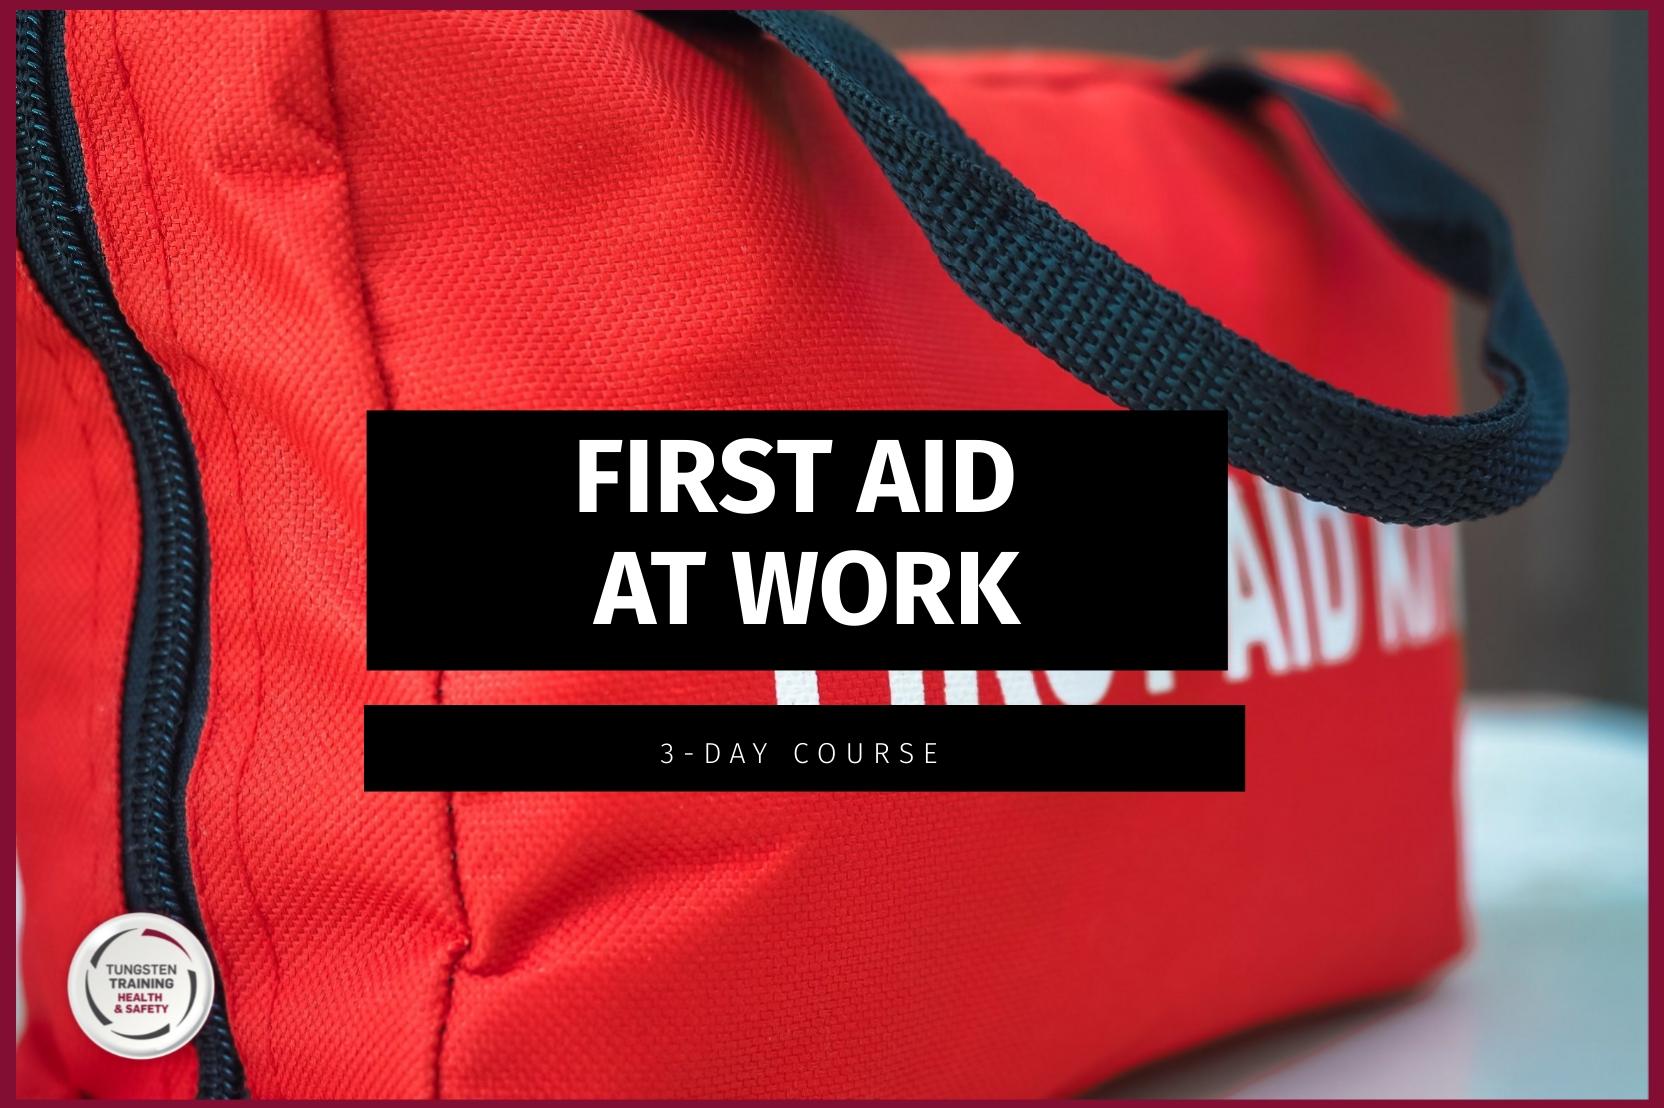 FIRST-AID-AT-WORK.jpg